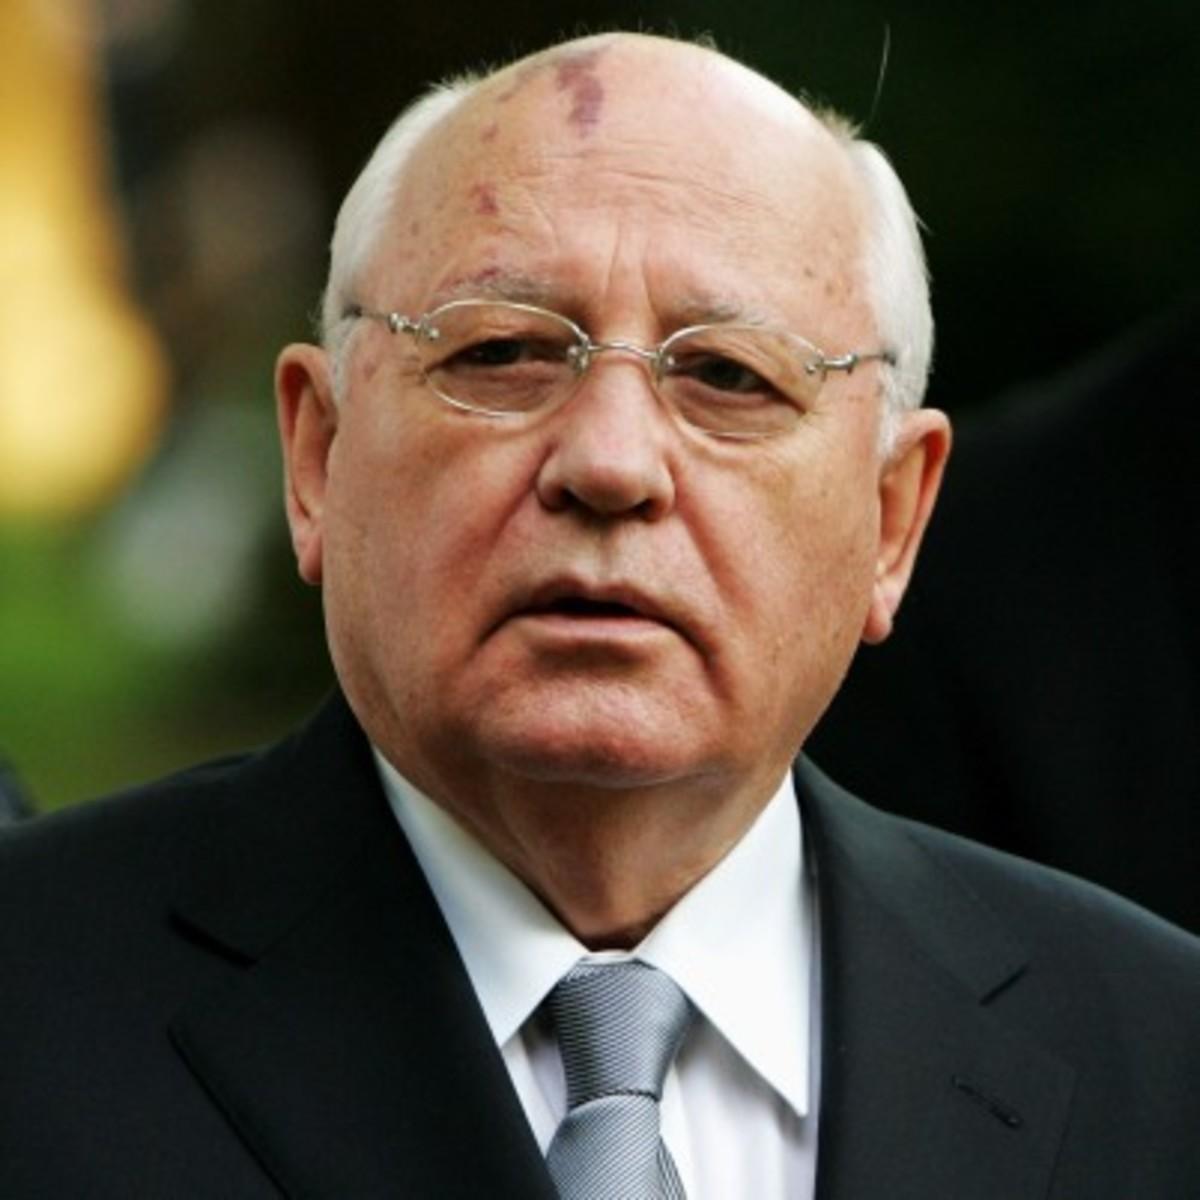 هل كان خروتشوف مستعدا لخوض حرب عالمية لأجل العراق الجمهوري ؟